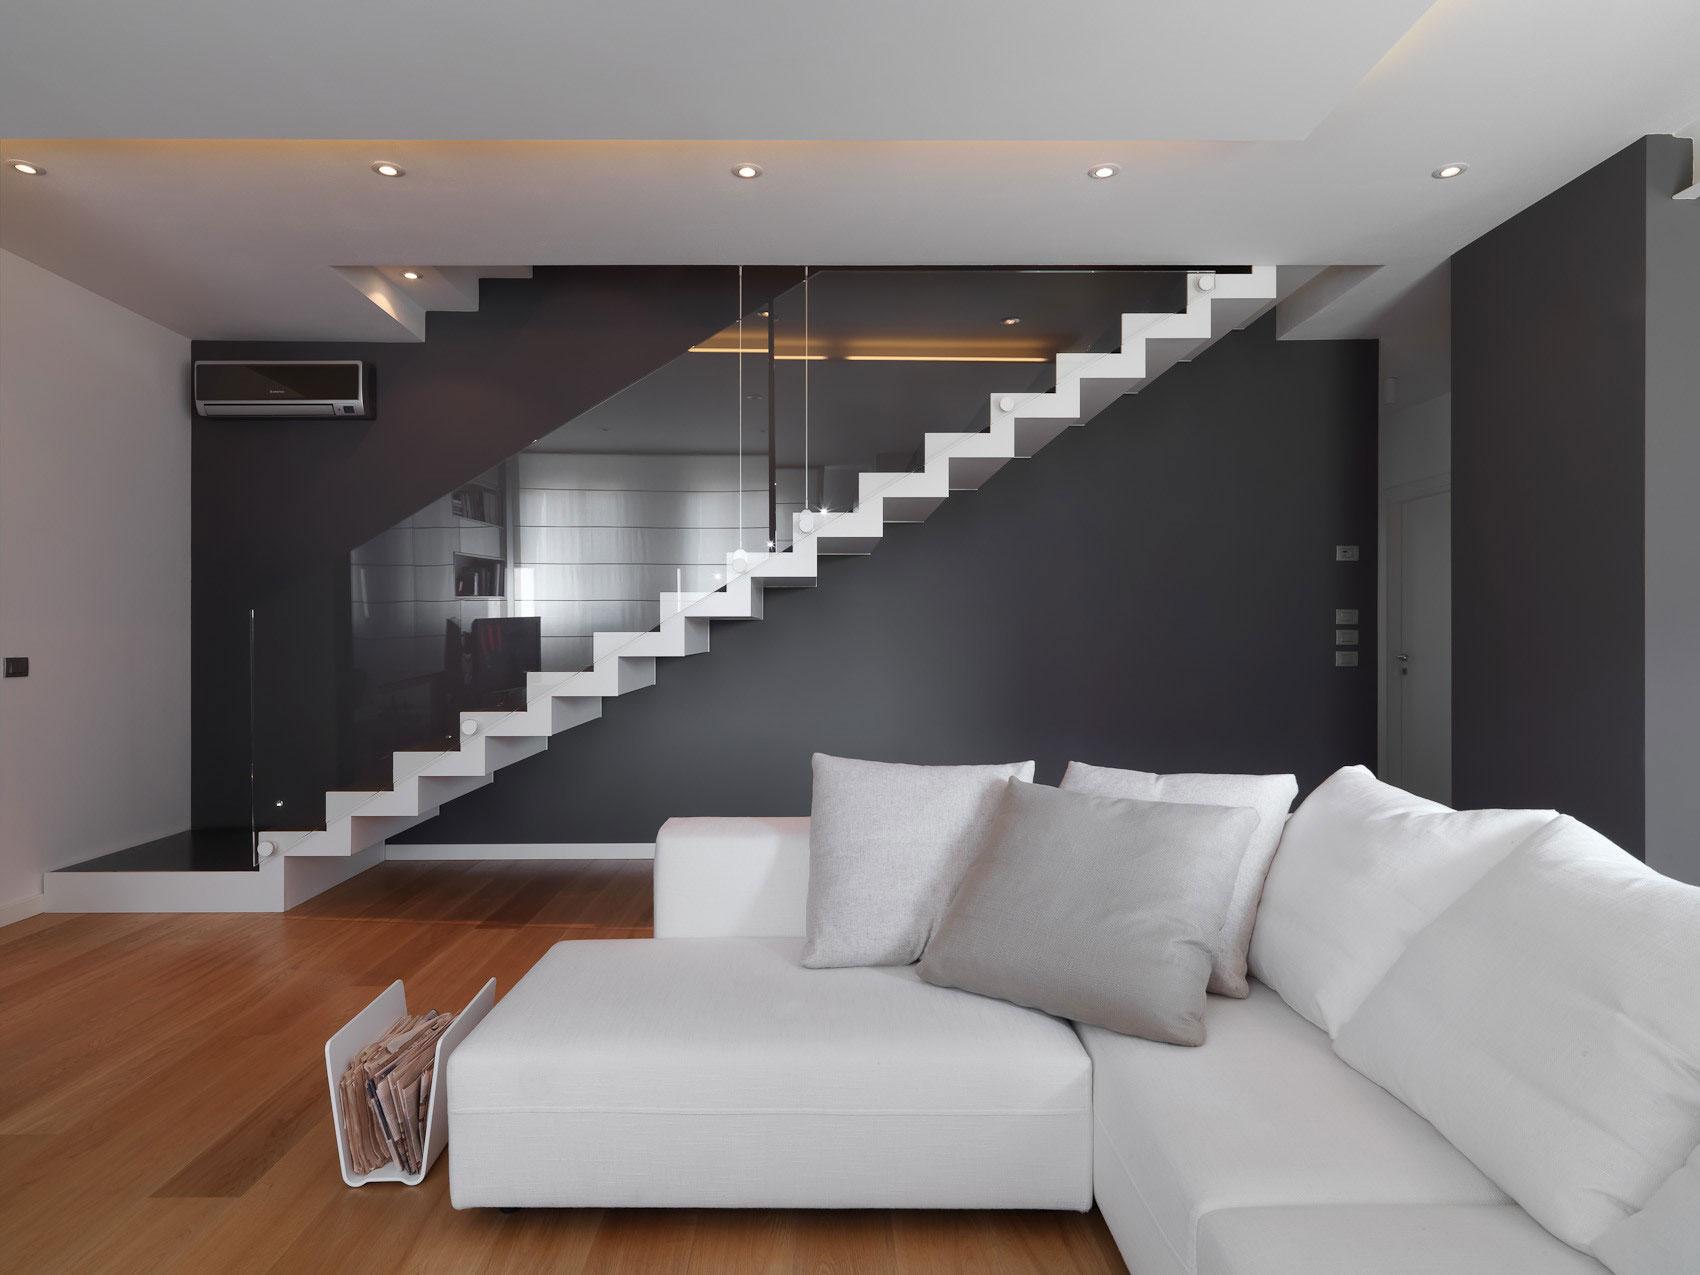 Оформление интерьера в стиле минимализм